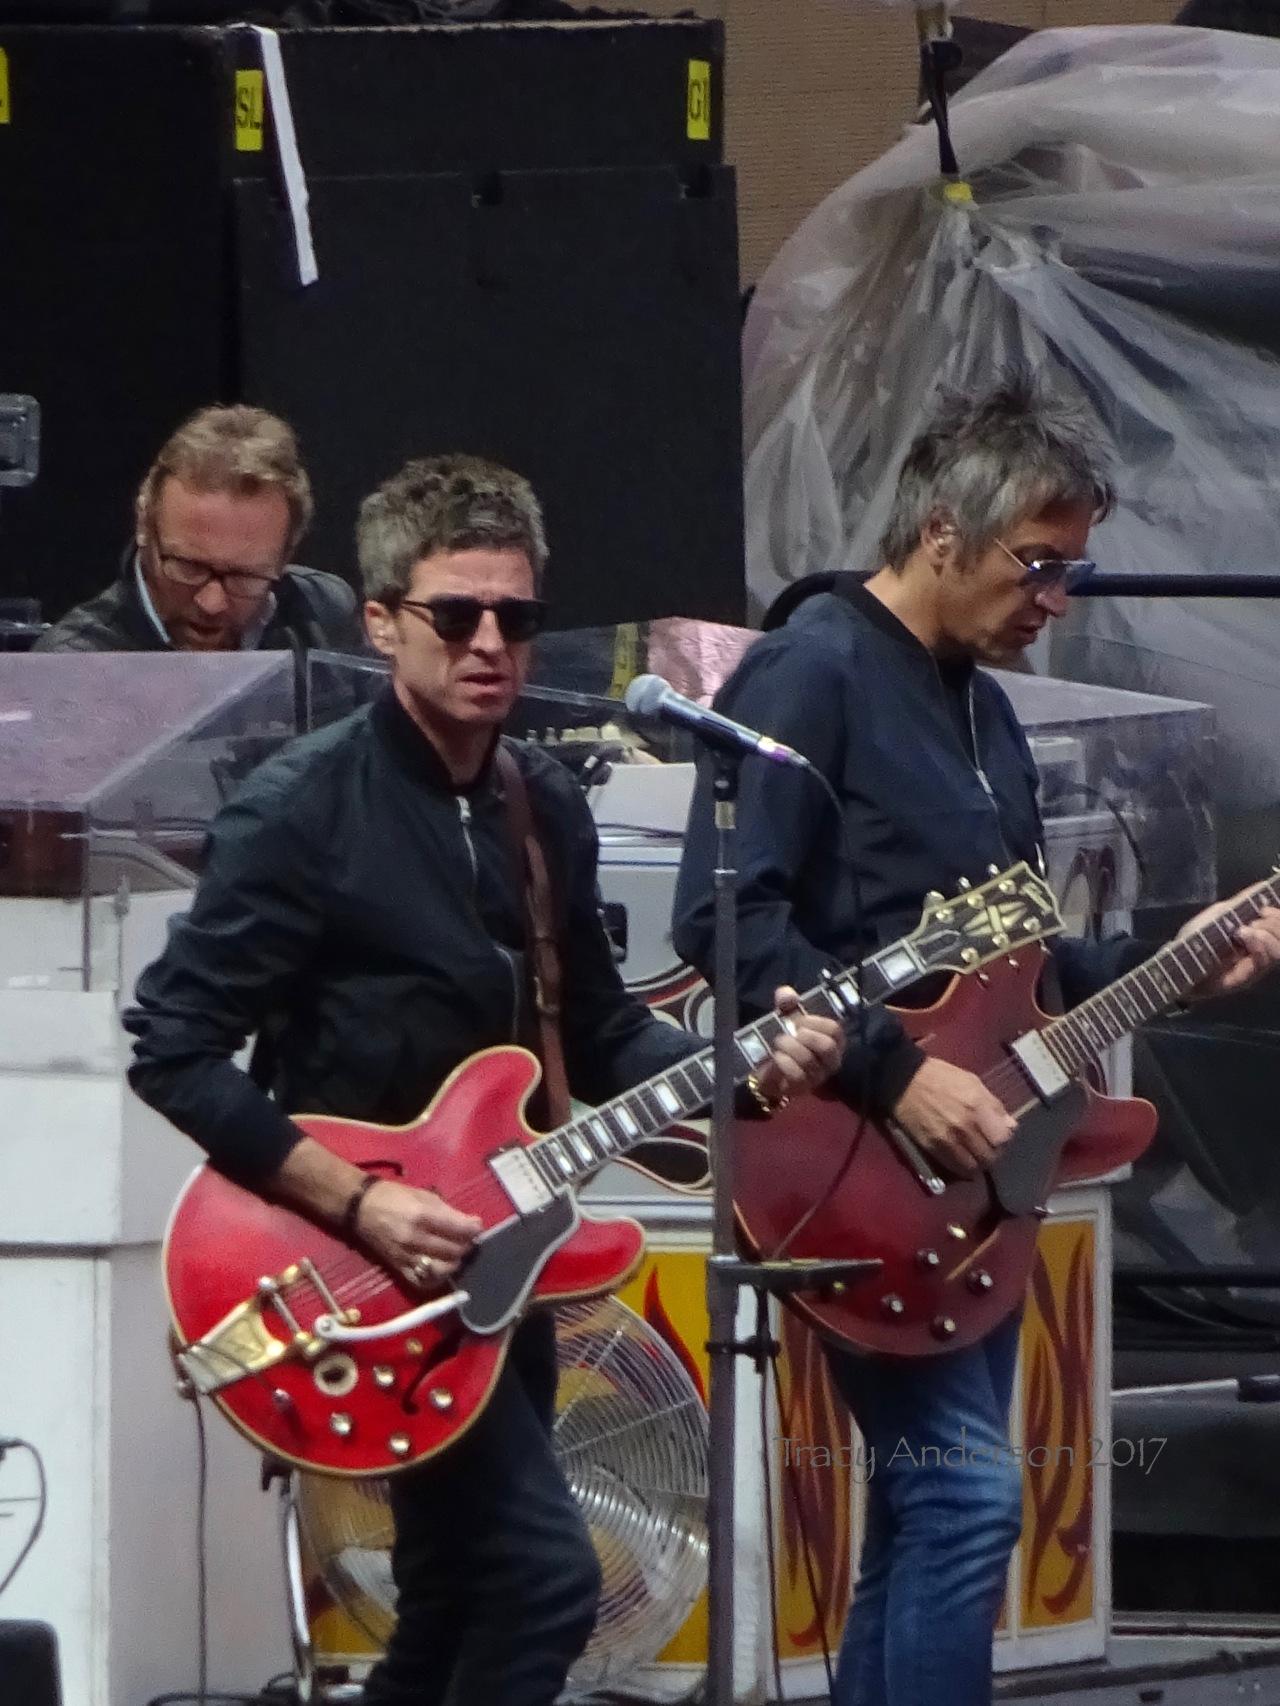 Noel Gallagher Croke Park Dublin July 22 2017